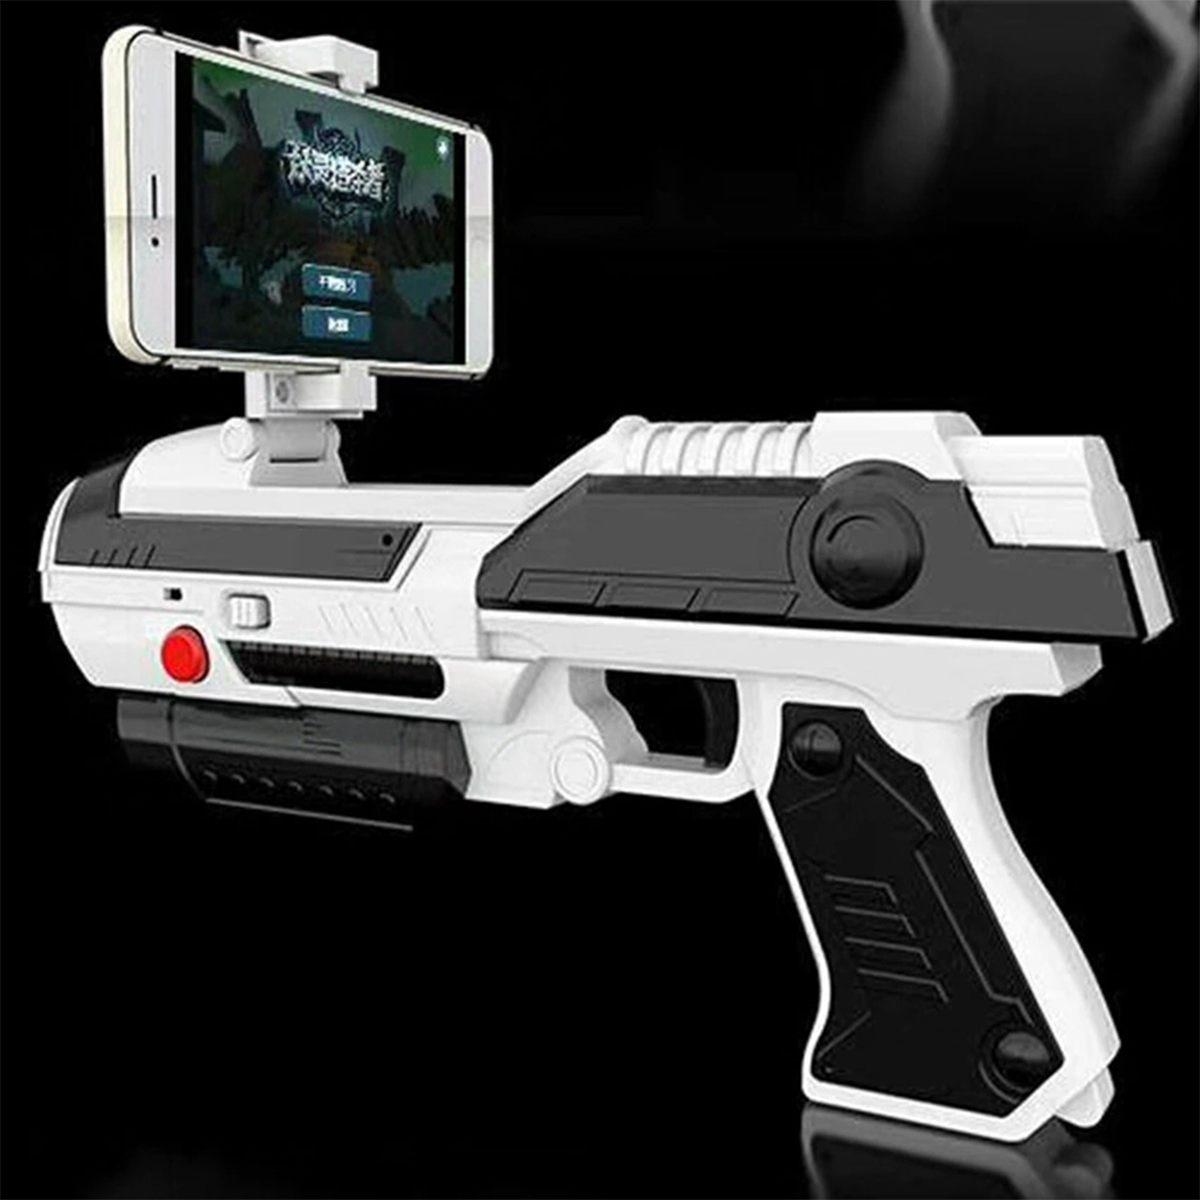 Creatives Mobile Phone AR-Game Guns Smart Bluetooth Controller VR Game Guns Outdoor Fun Sports Air Guns Toy Guns For IOS Android